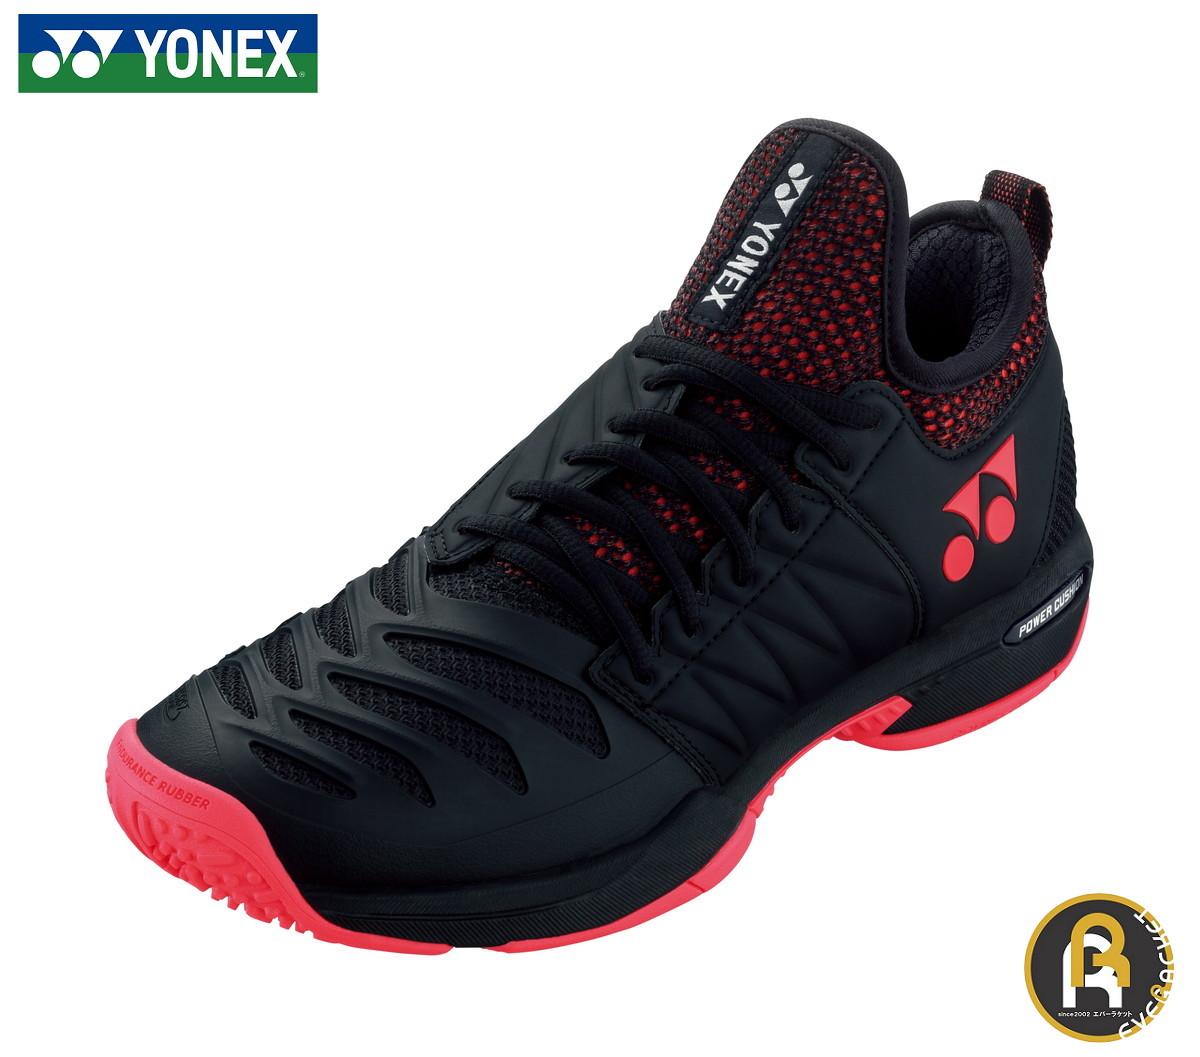 【スーパーセールポイント5倍】ヨネックス YONEX テニスシューズ パワークッションフュージョンレブ3MGC SHTF3MGC ソフトテニス